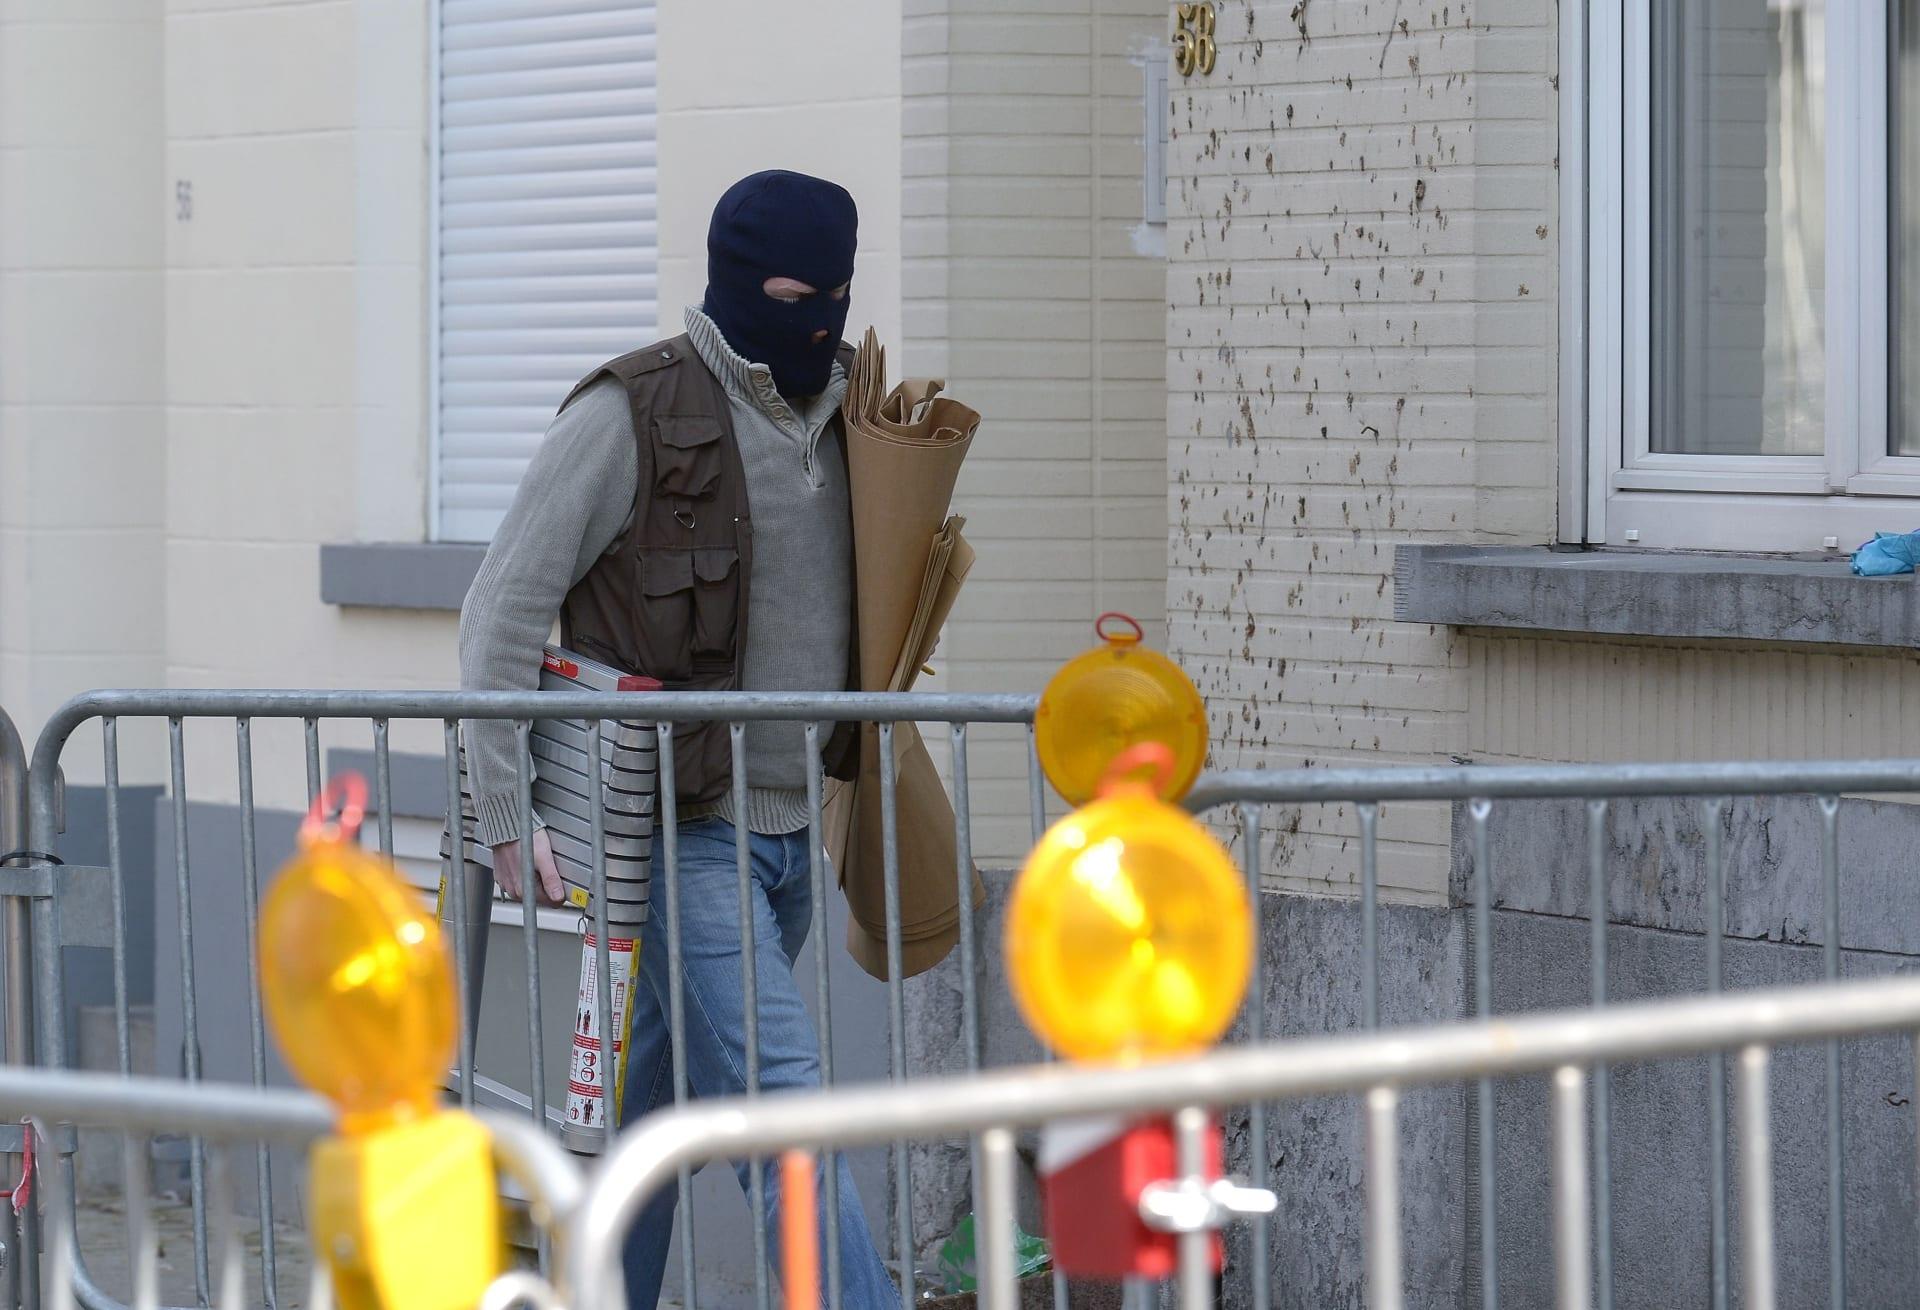 """بلجيكا: العثور على علم """"داعش"""" في مداهمة في بروكسل بعد مقتل مشتبه به جزائري إثر تبادل إطلاق النار"""